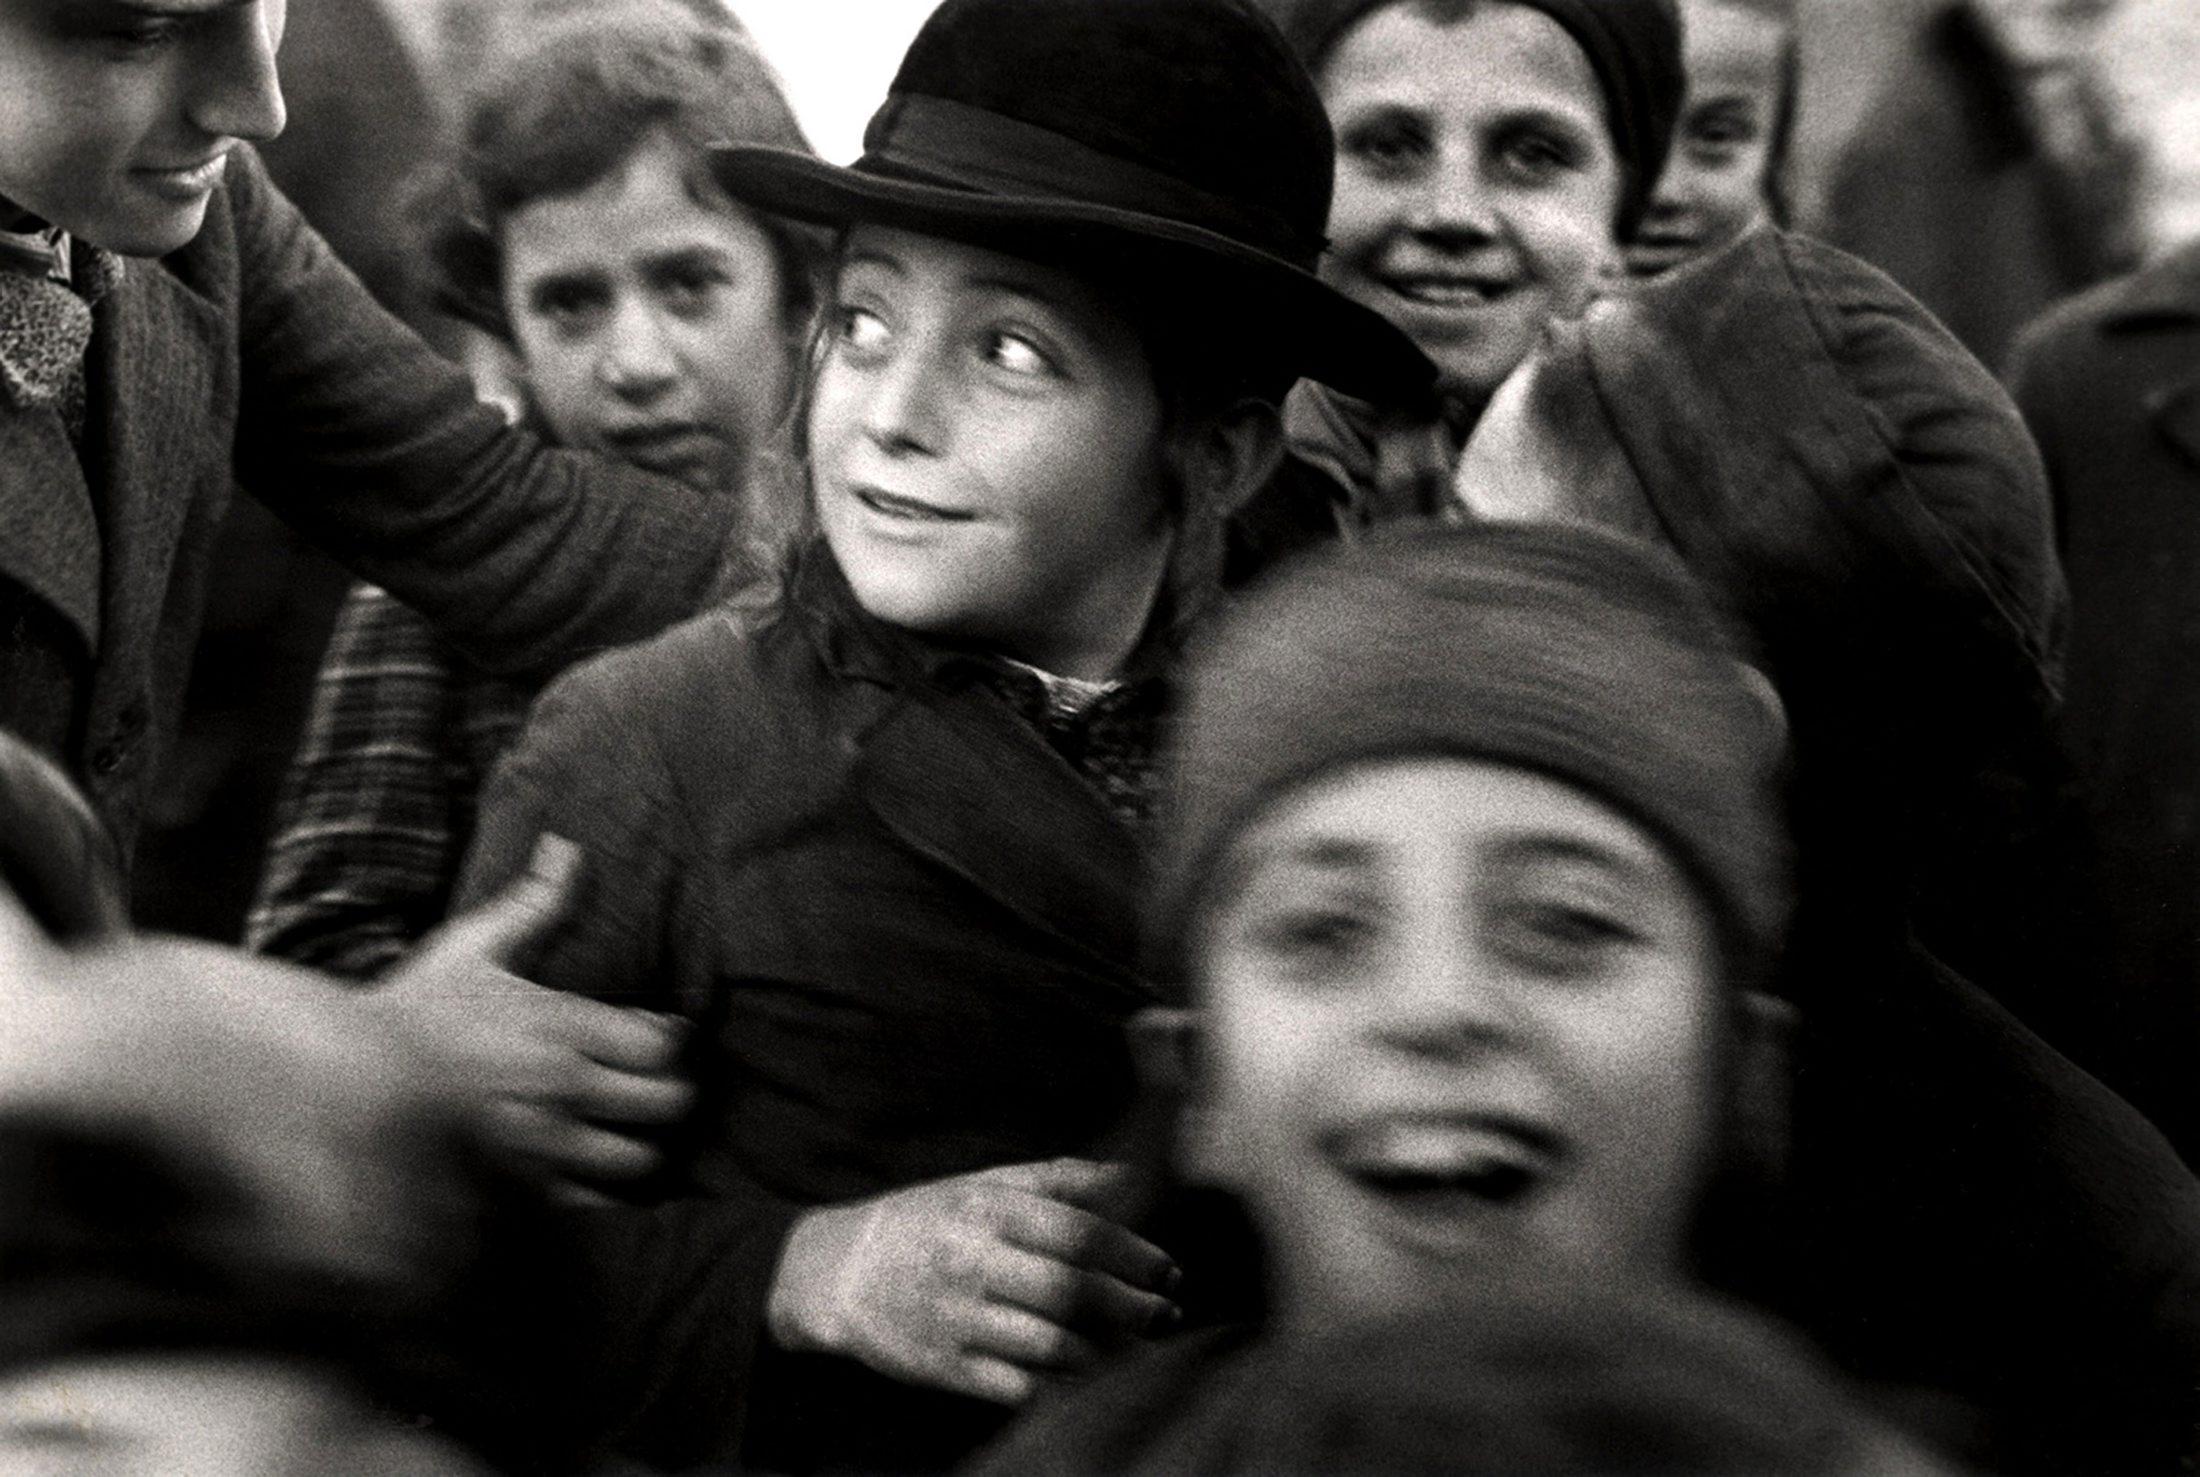 Rare photos of pre-Holocaust Jewish life to go online